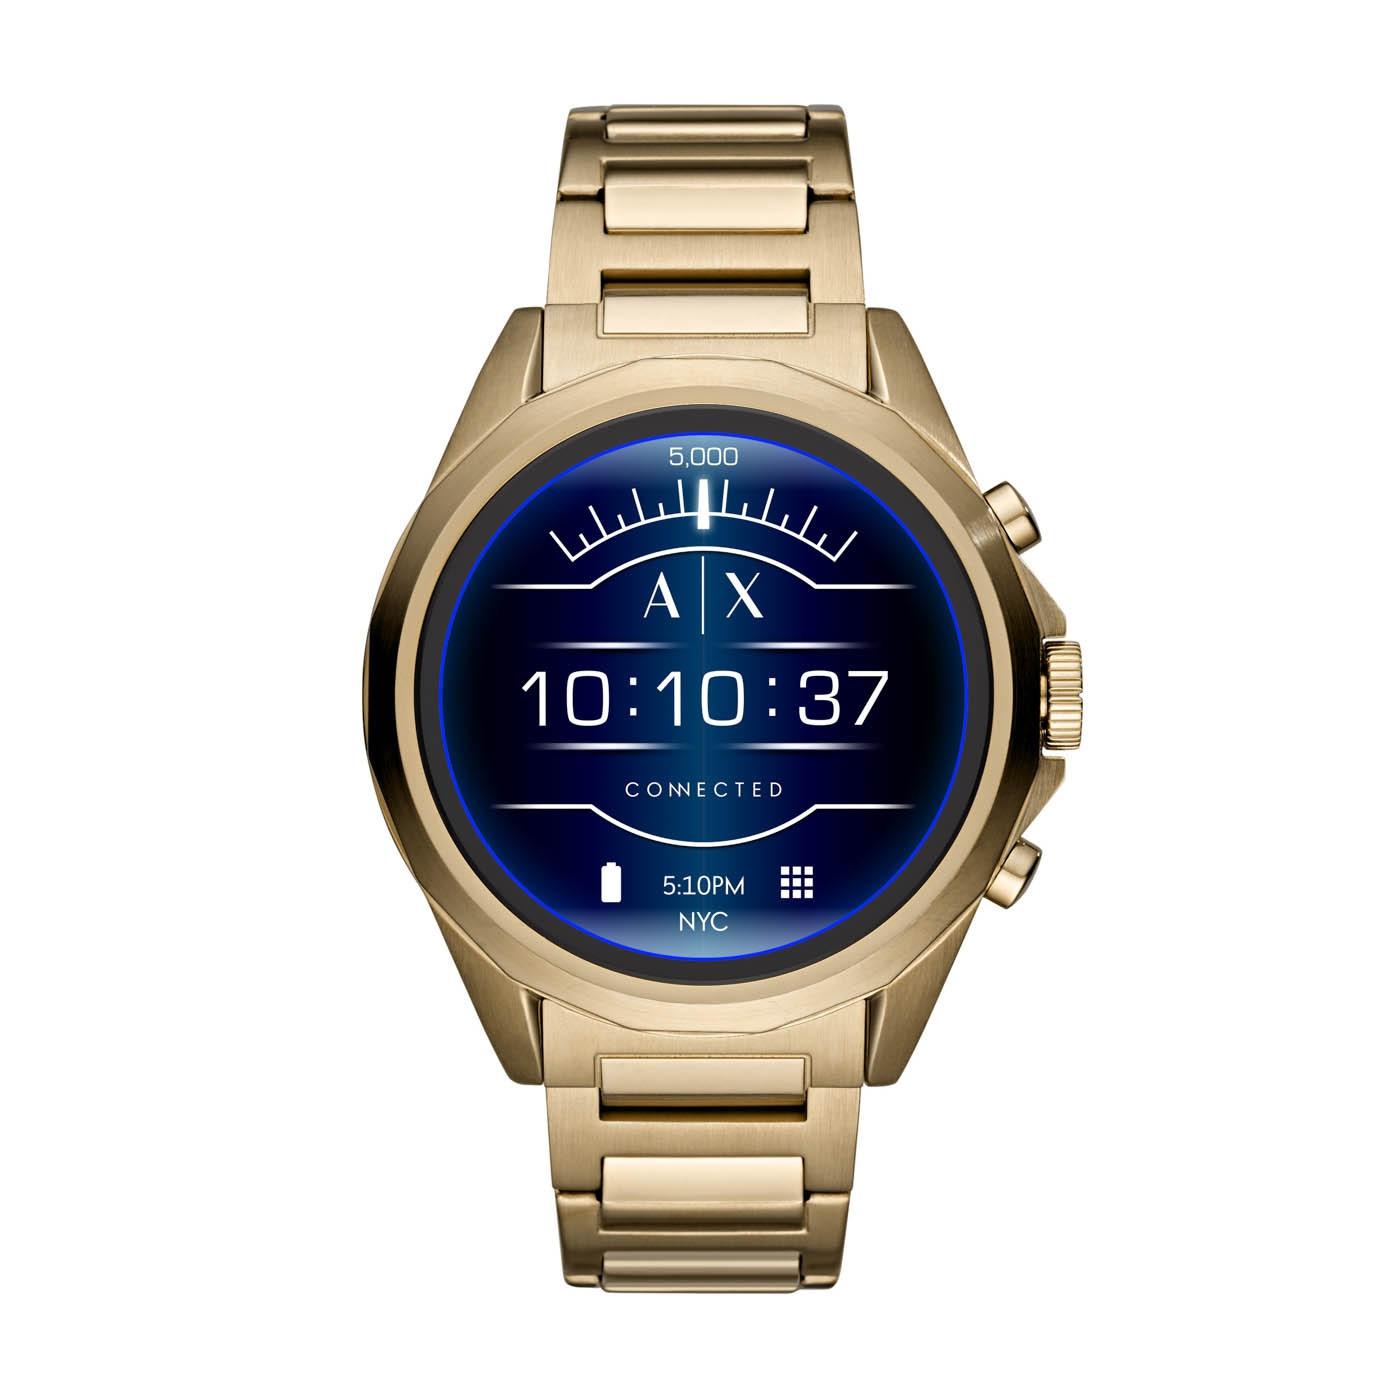 Armani Exchange Connected Drexler Gen 4 Display Smartwatch AXT2001